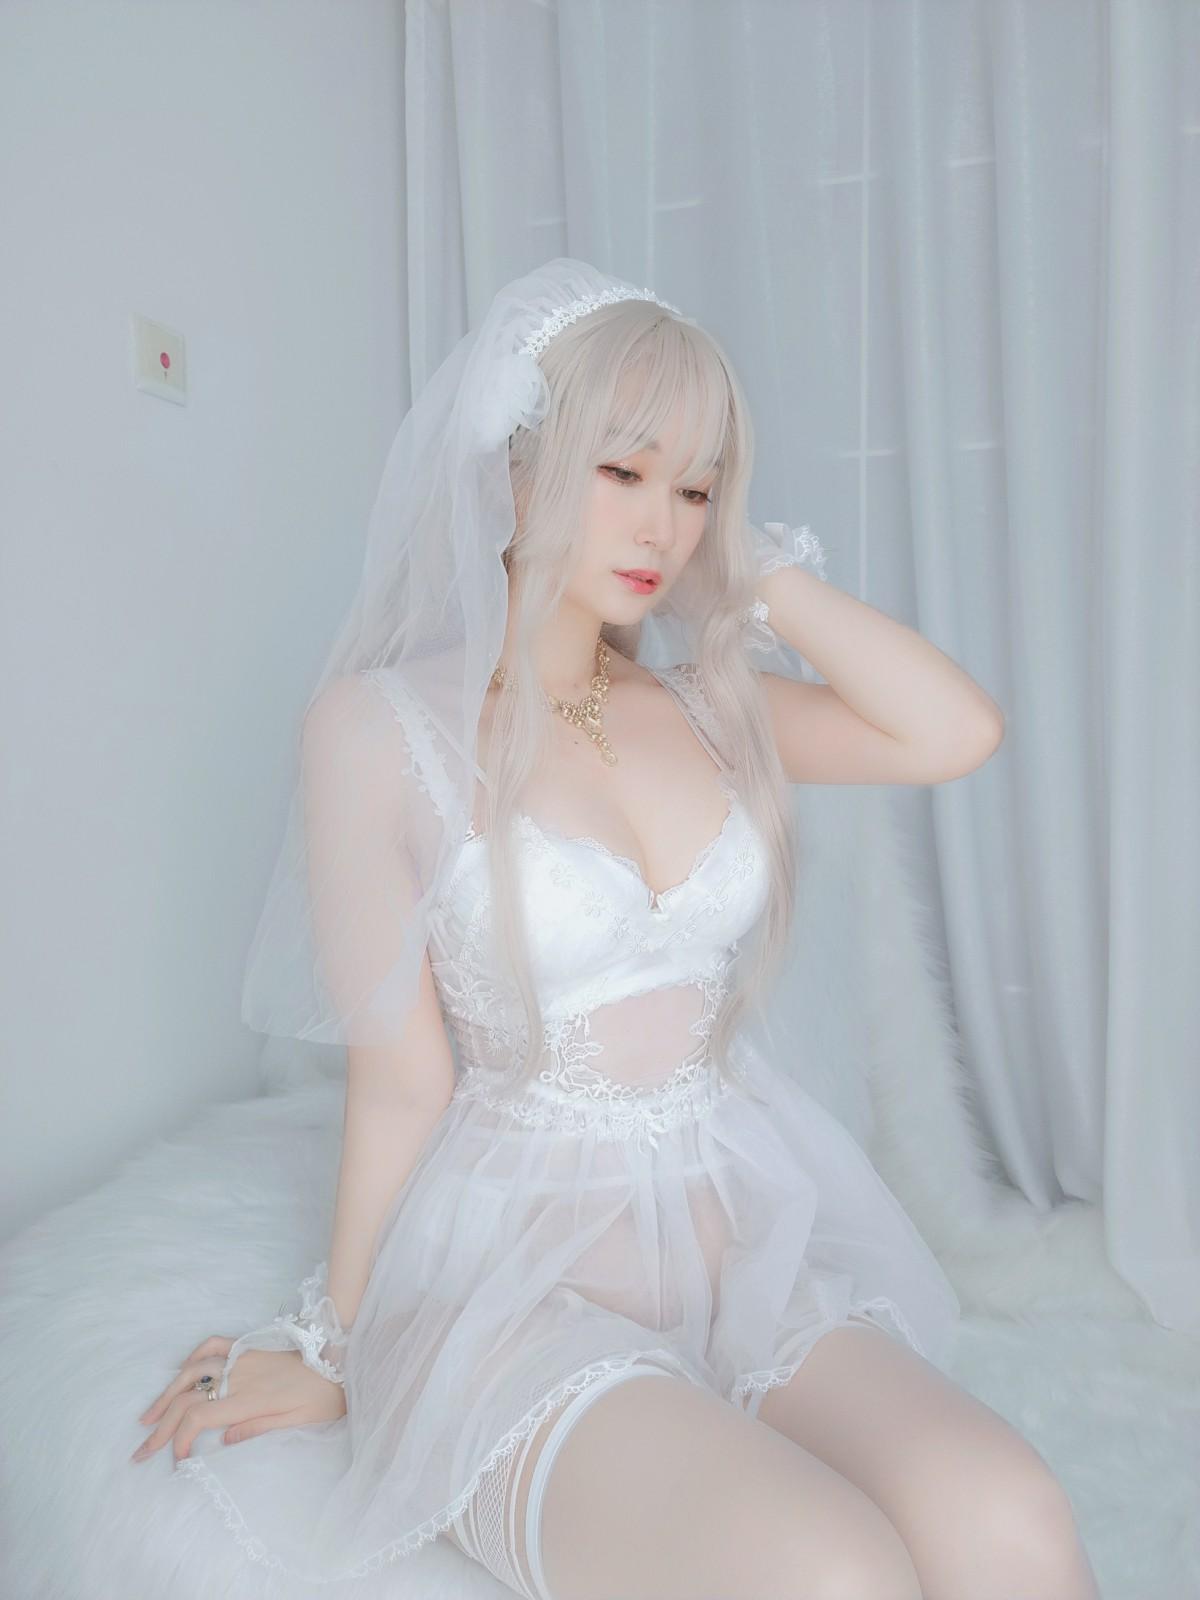 Coser小姐姐白银 – 纯白花嫁 第3张